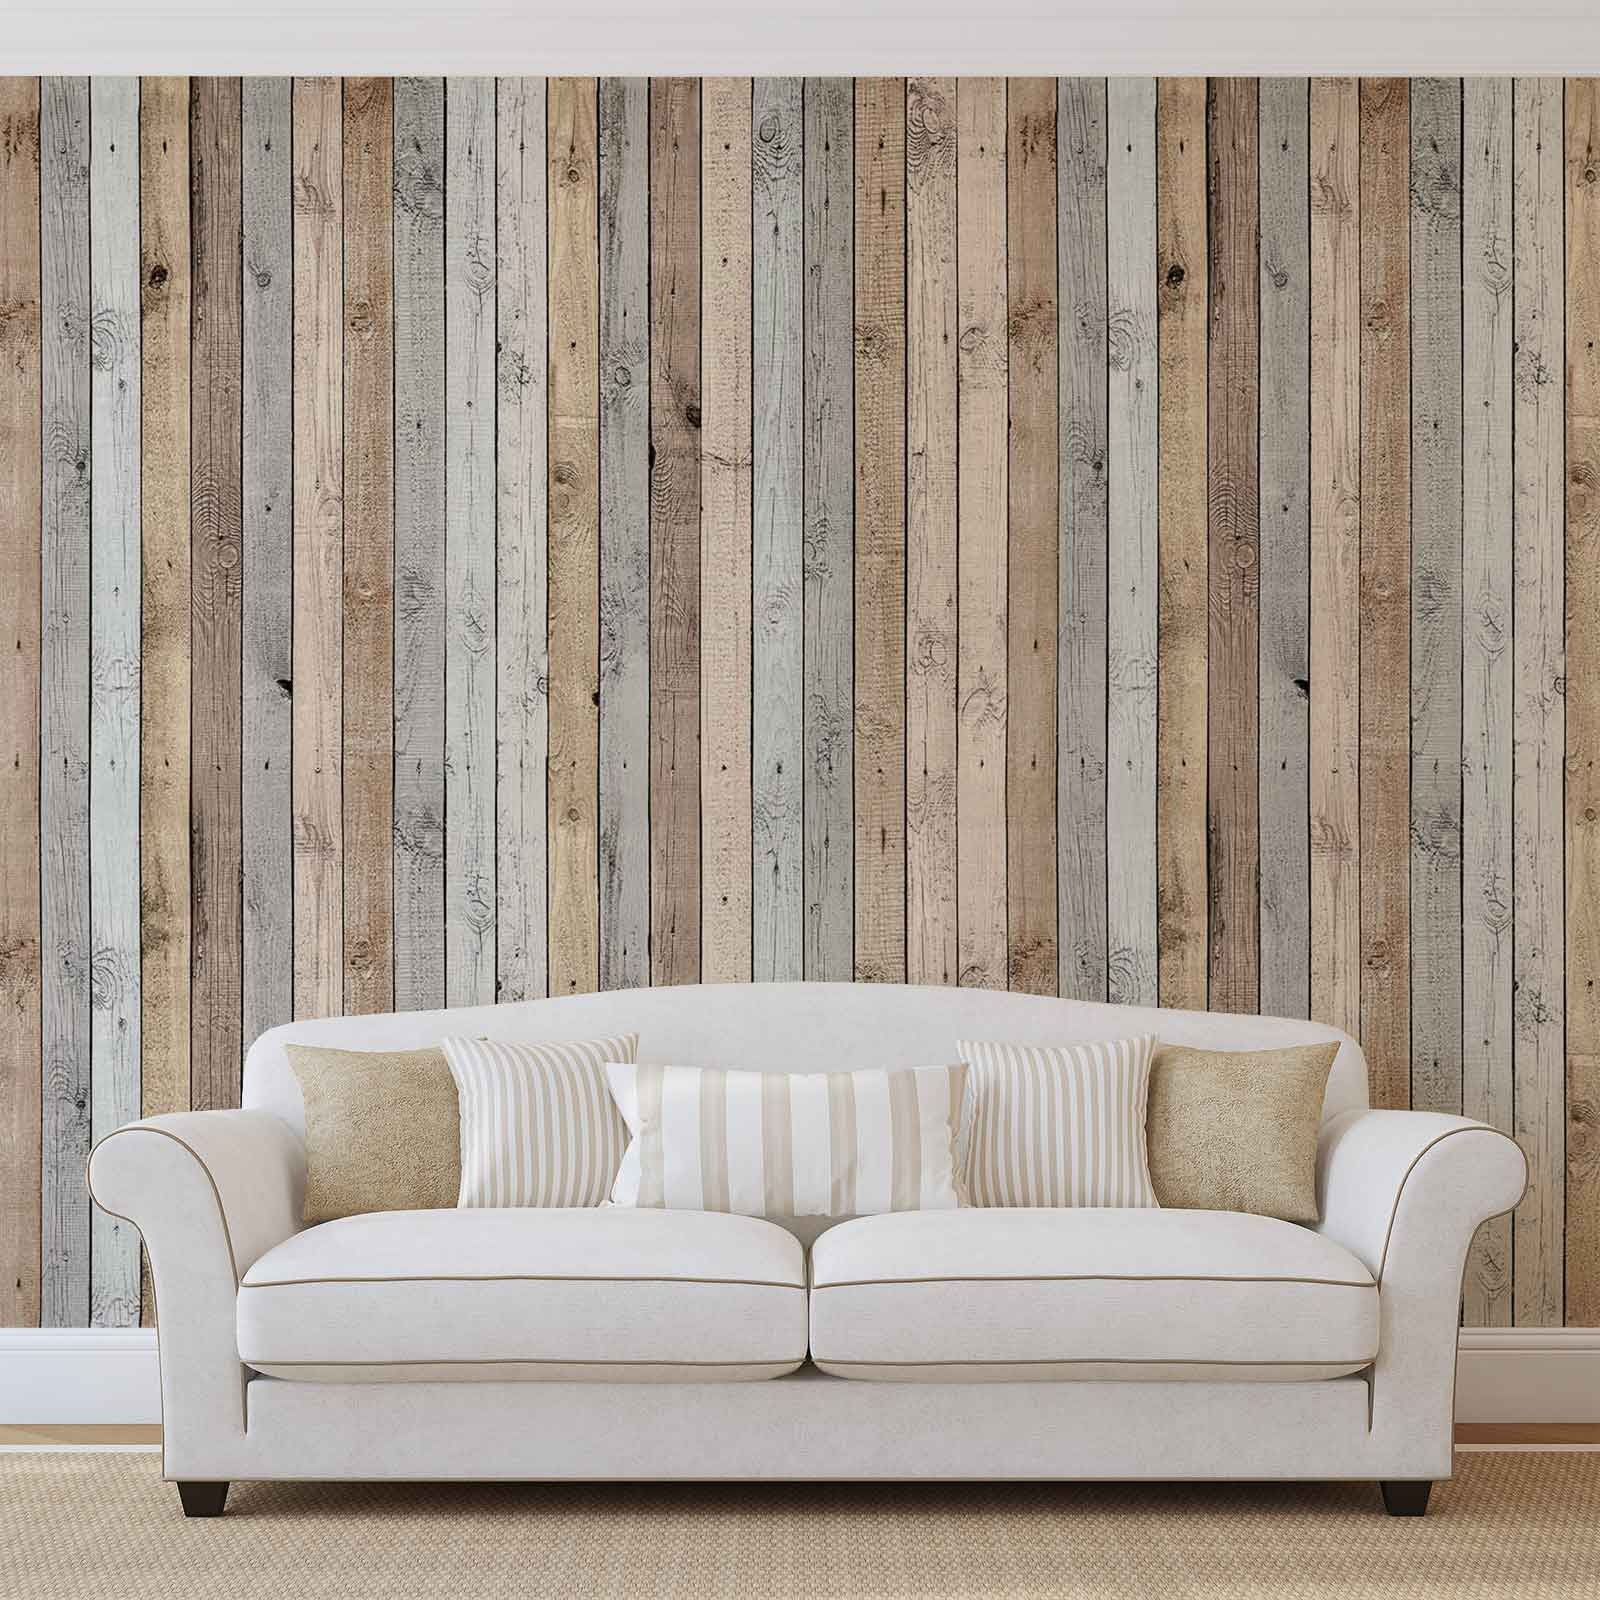 Покрытия, имитирующие натуральные материалы, станут прекрасной альтернативой при отделке квартиры в стиле порванс